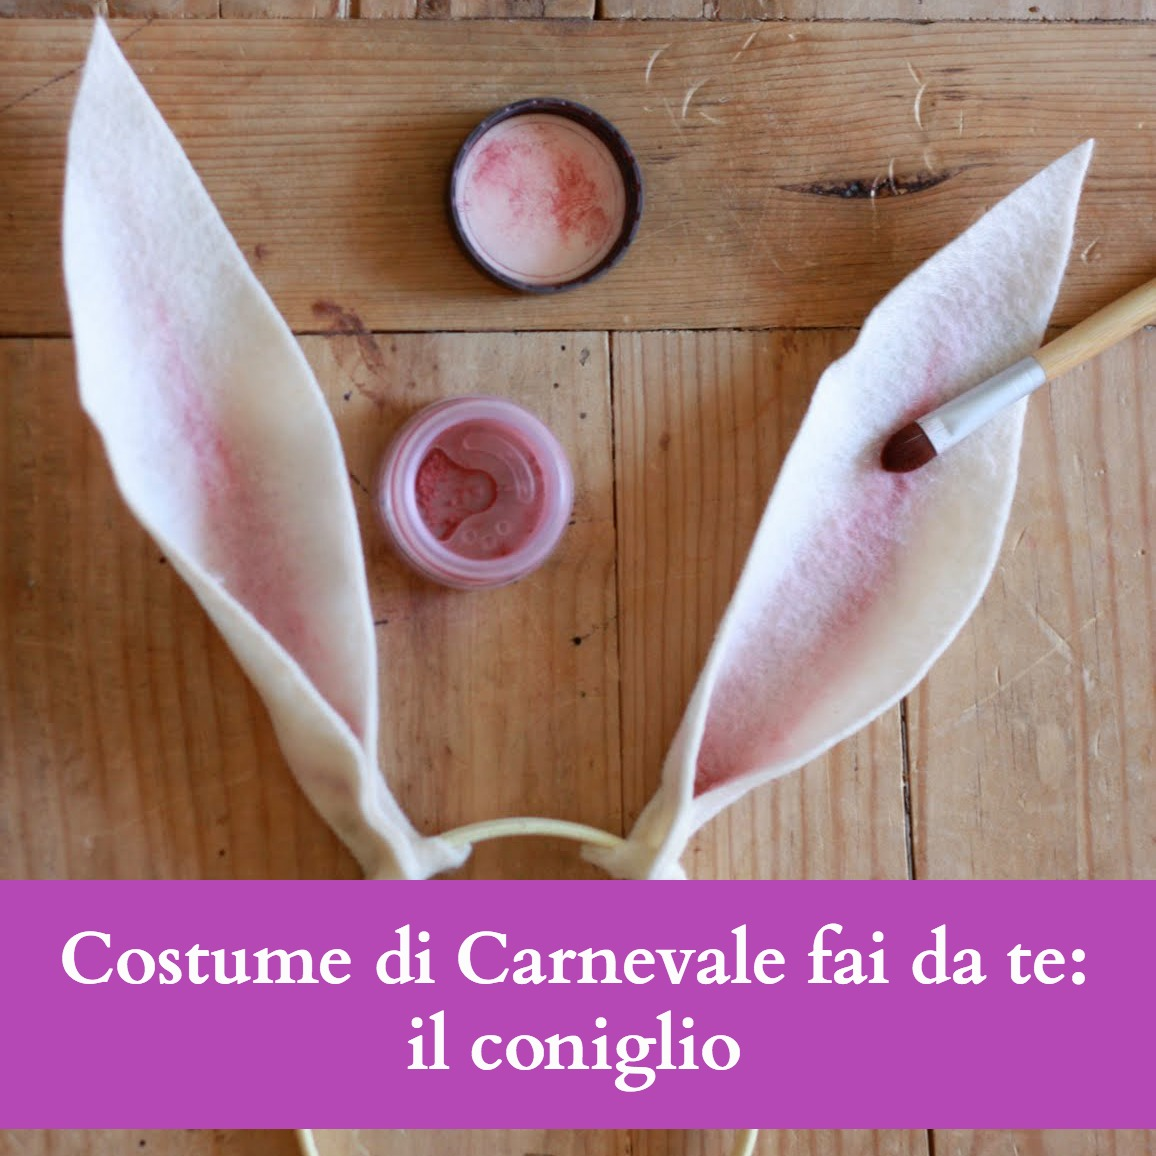 costume-carnevale-coniglio